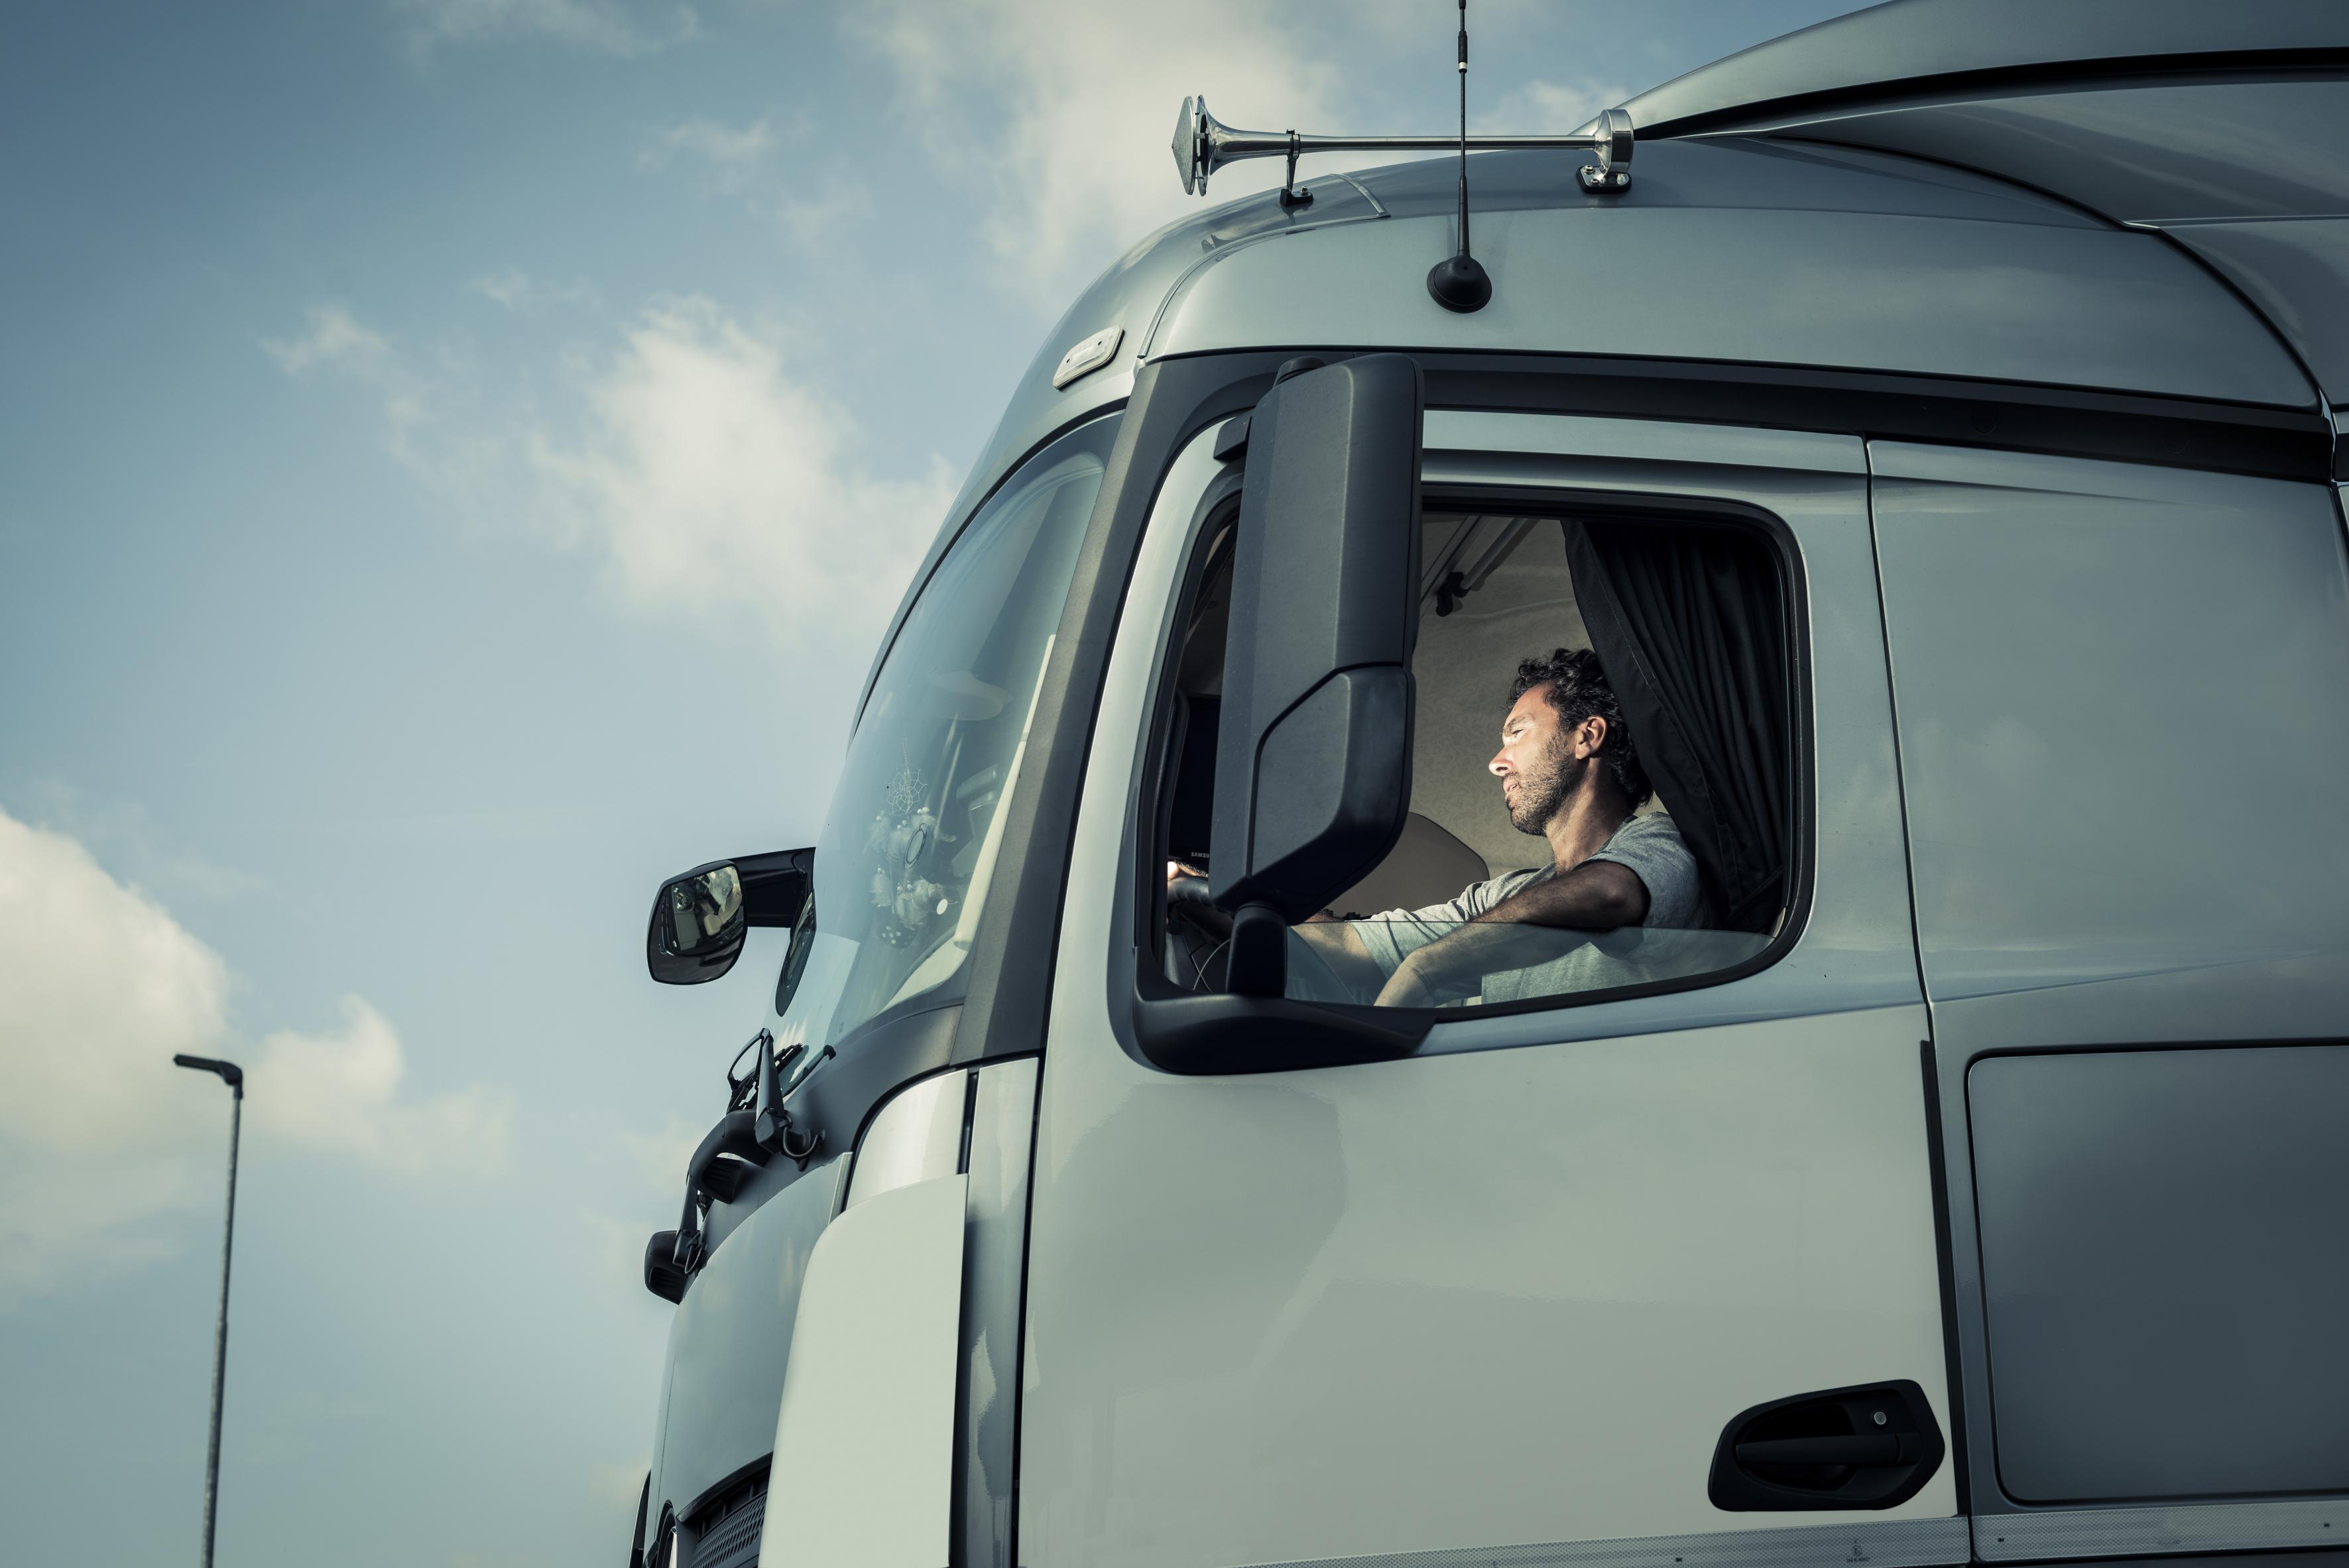 man inside a truck